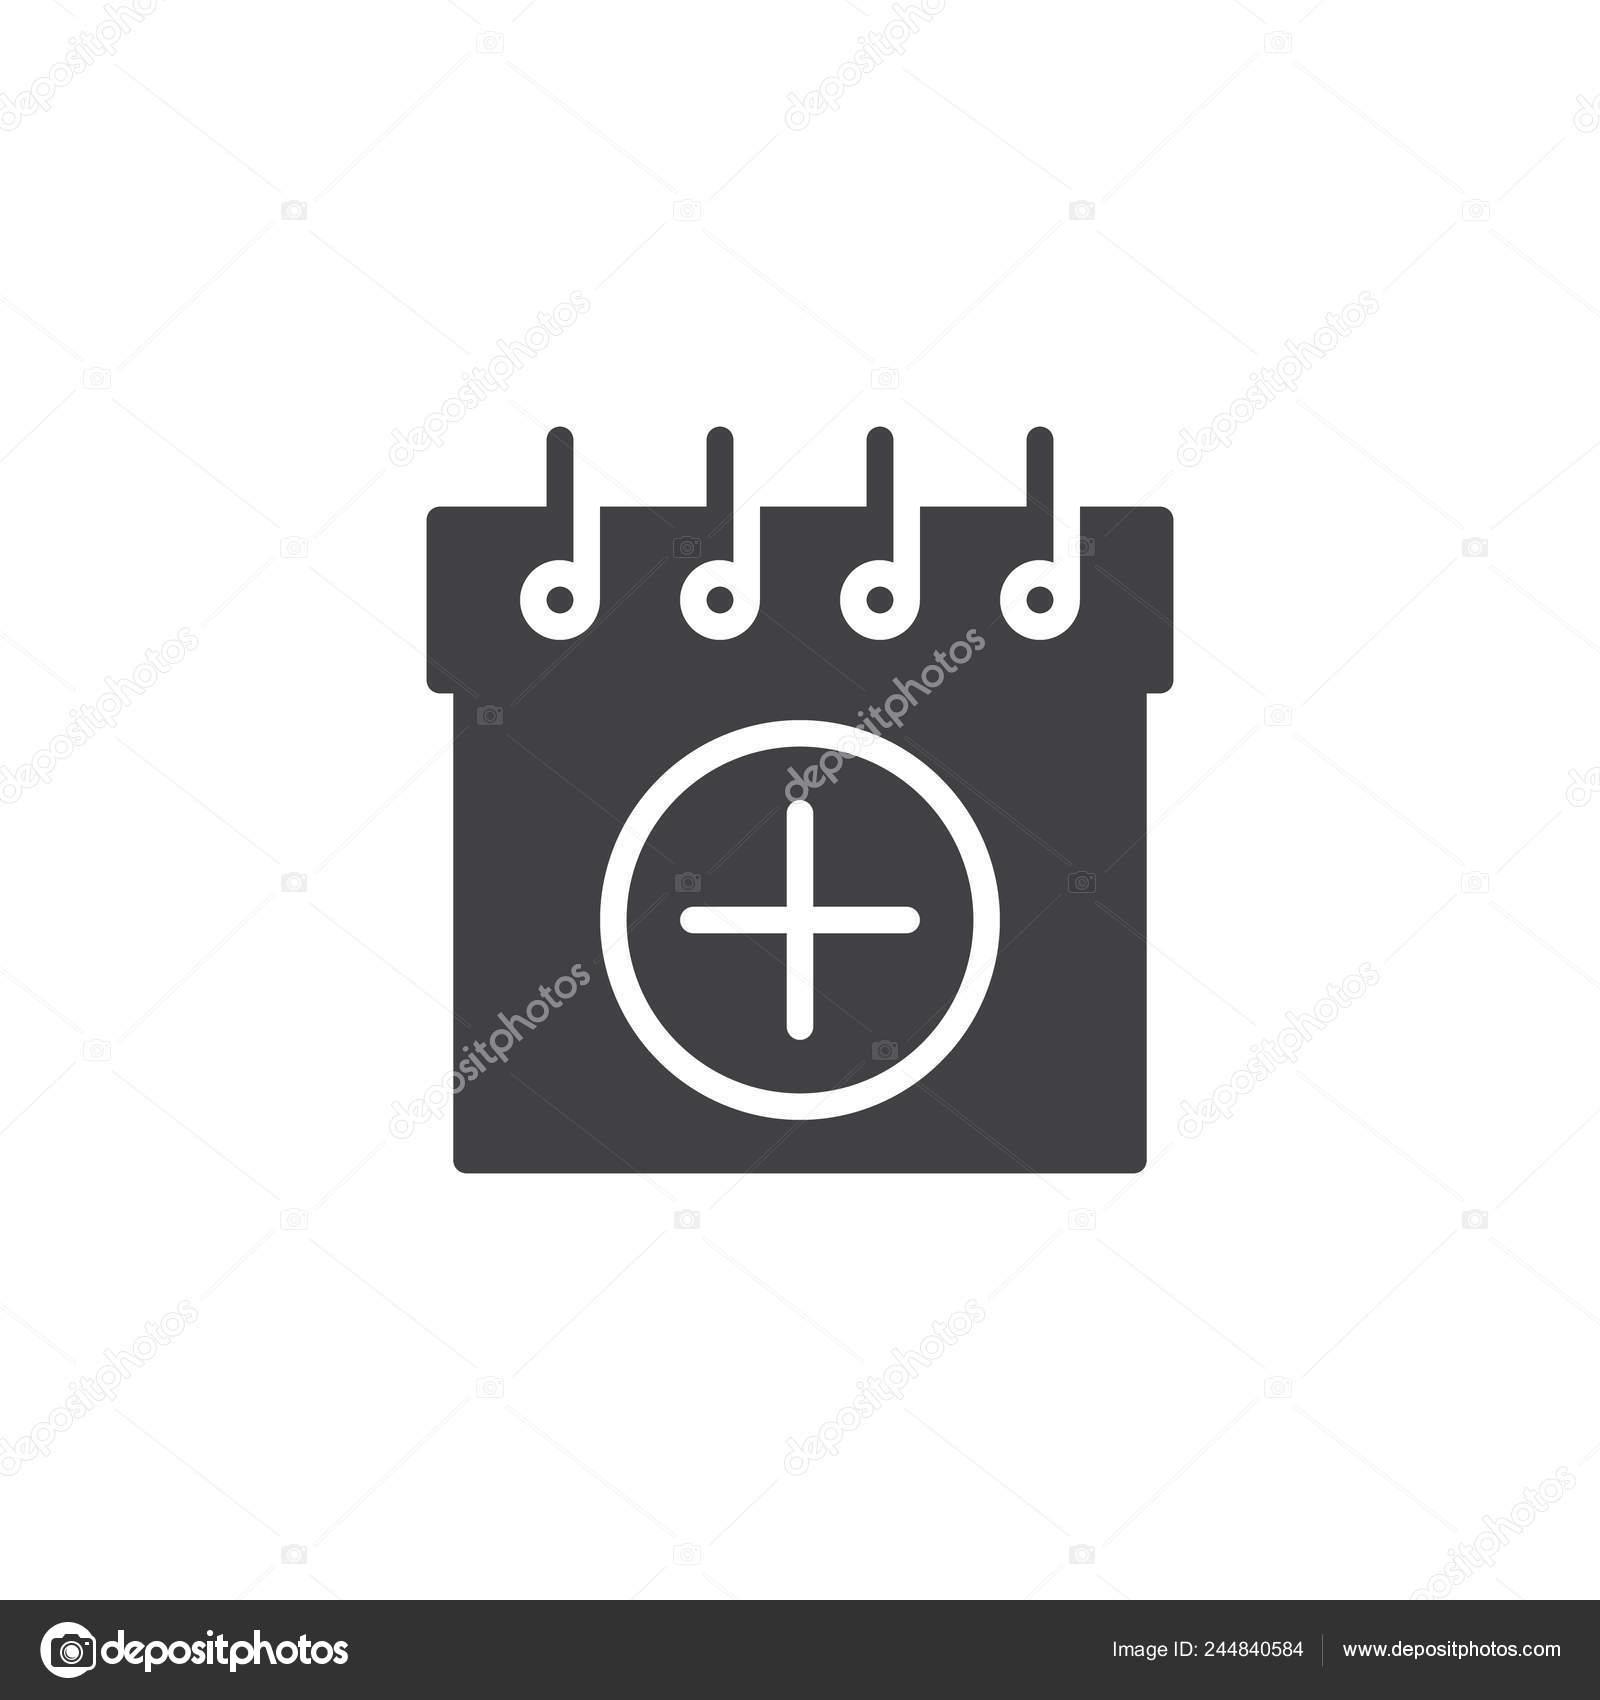 Anadir Calendario.Anadir Calendario Icono Vectores Signo Plano Lleno